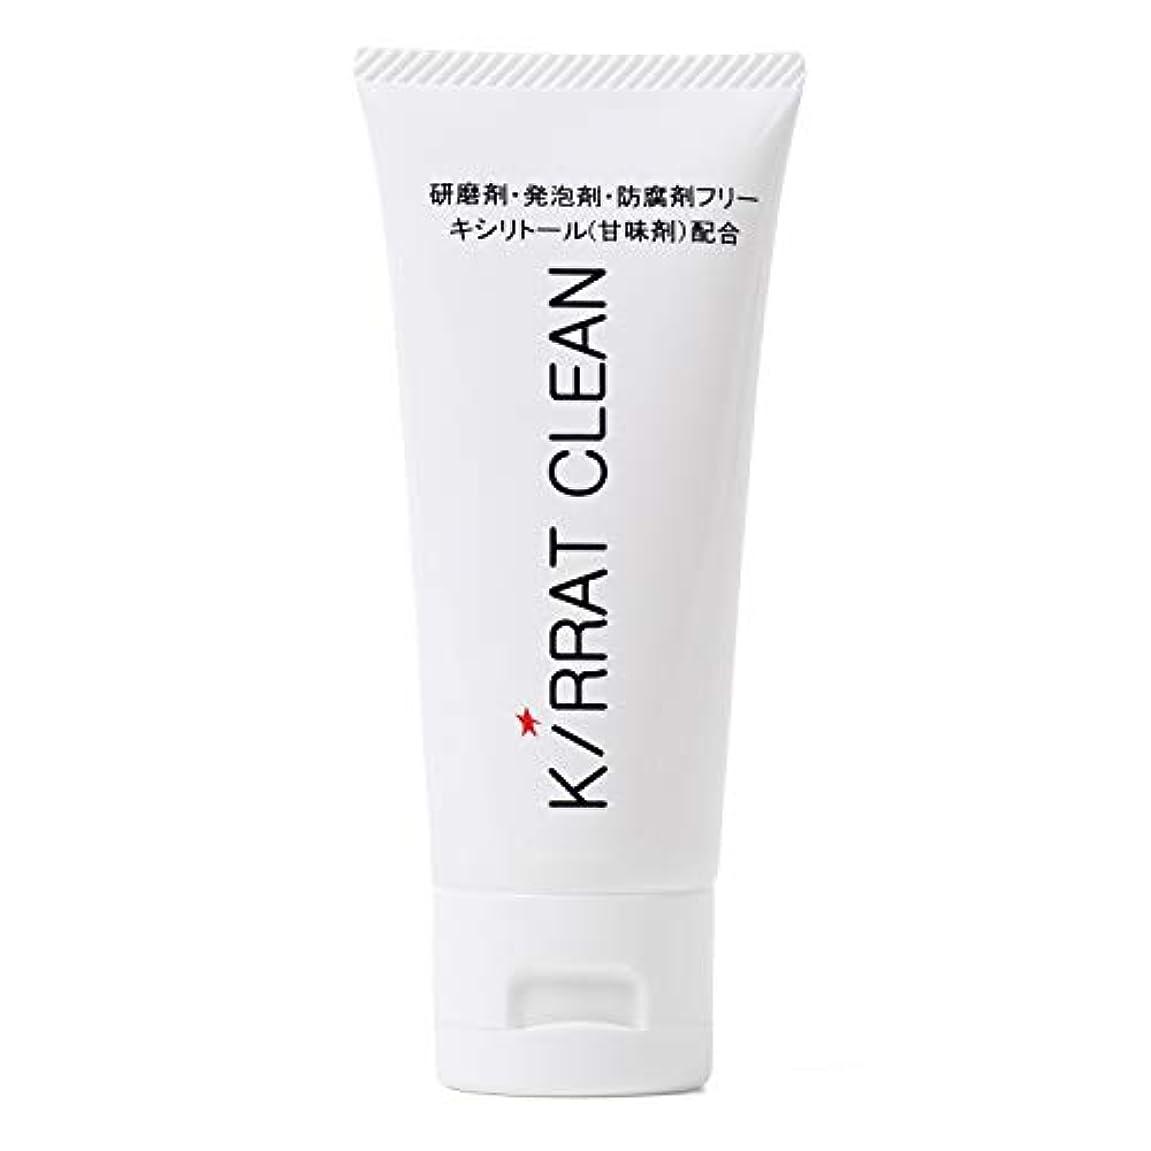 転送摂氏度時間YUZO 歯磨き粉 キラットクリーン 60g 研磨剤 発泡剤 防腐剤フリー